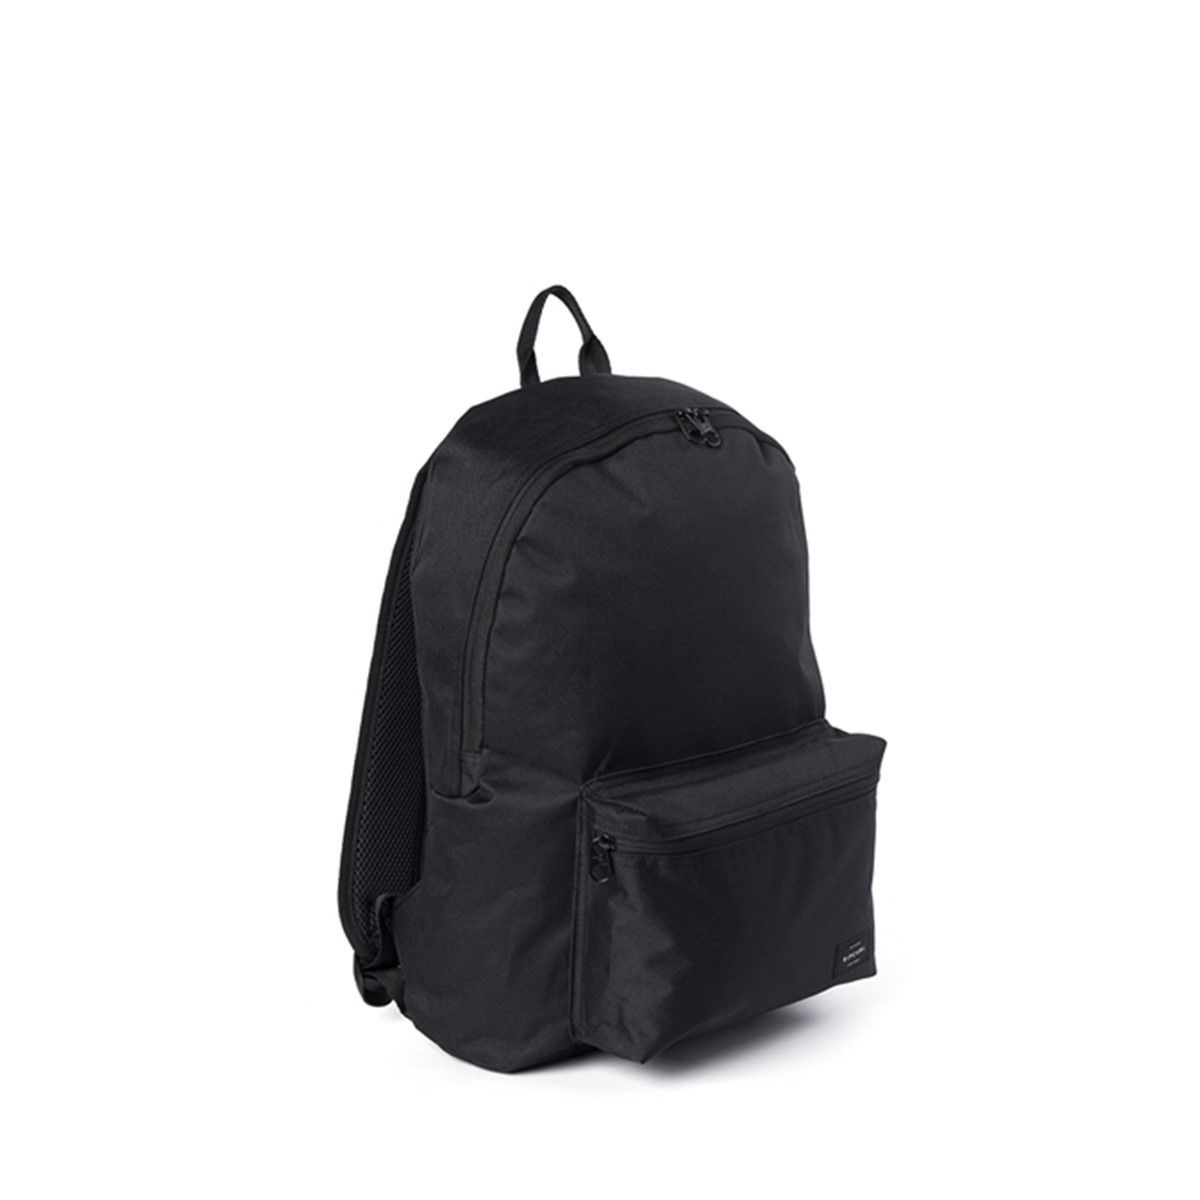 Mochila Rip Curl Dome Pro Black